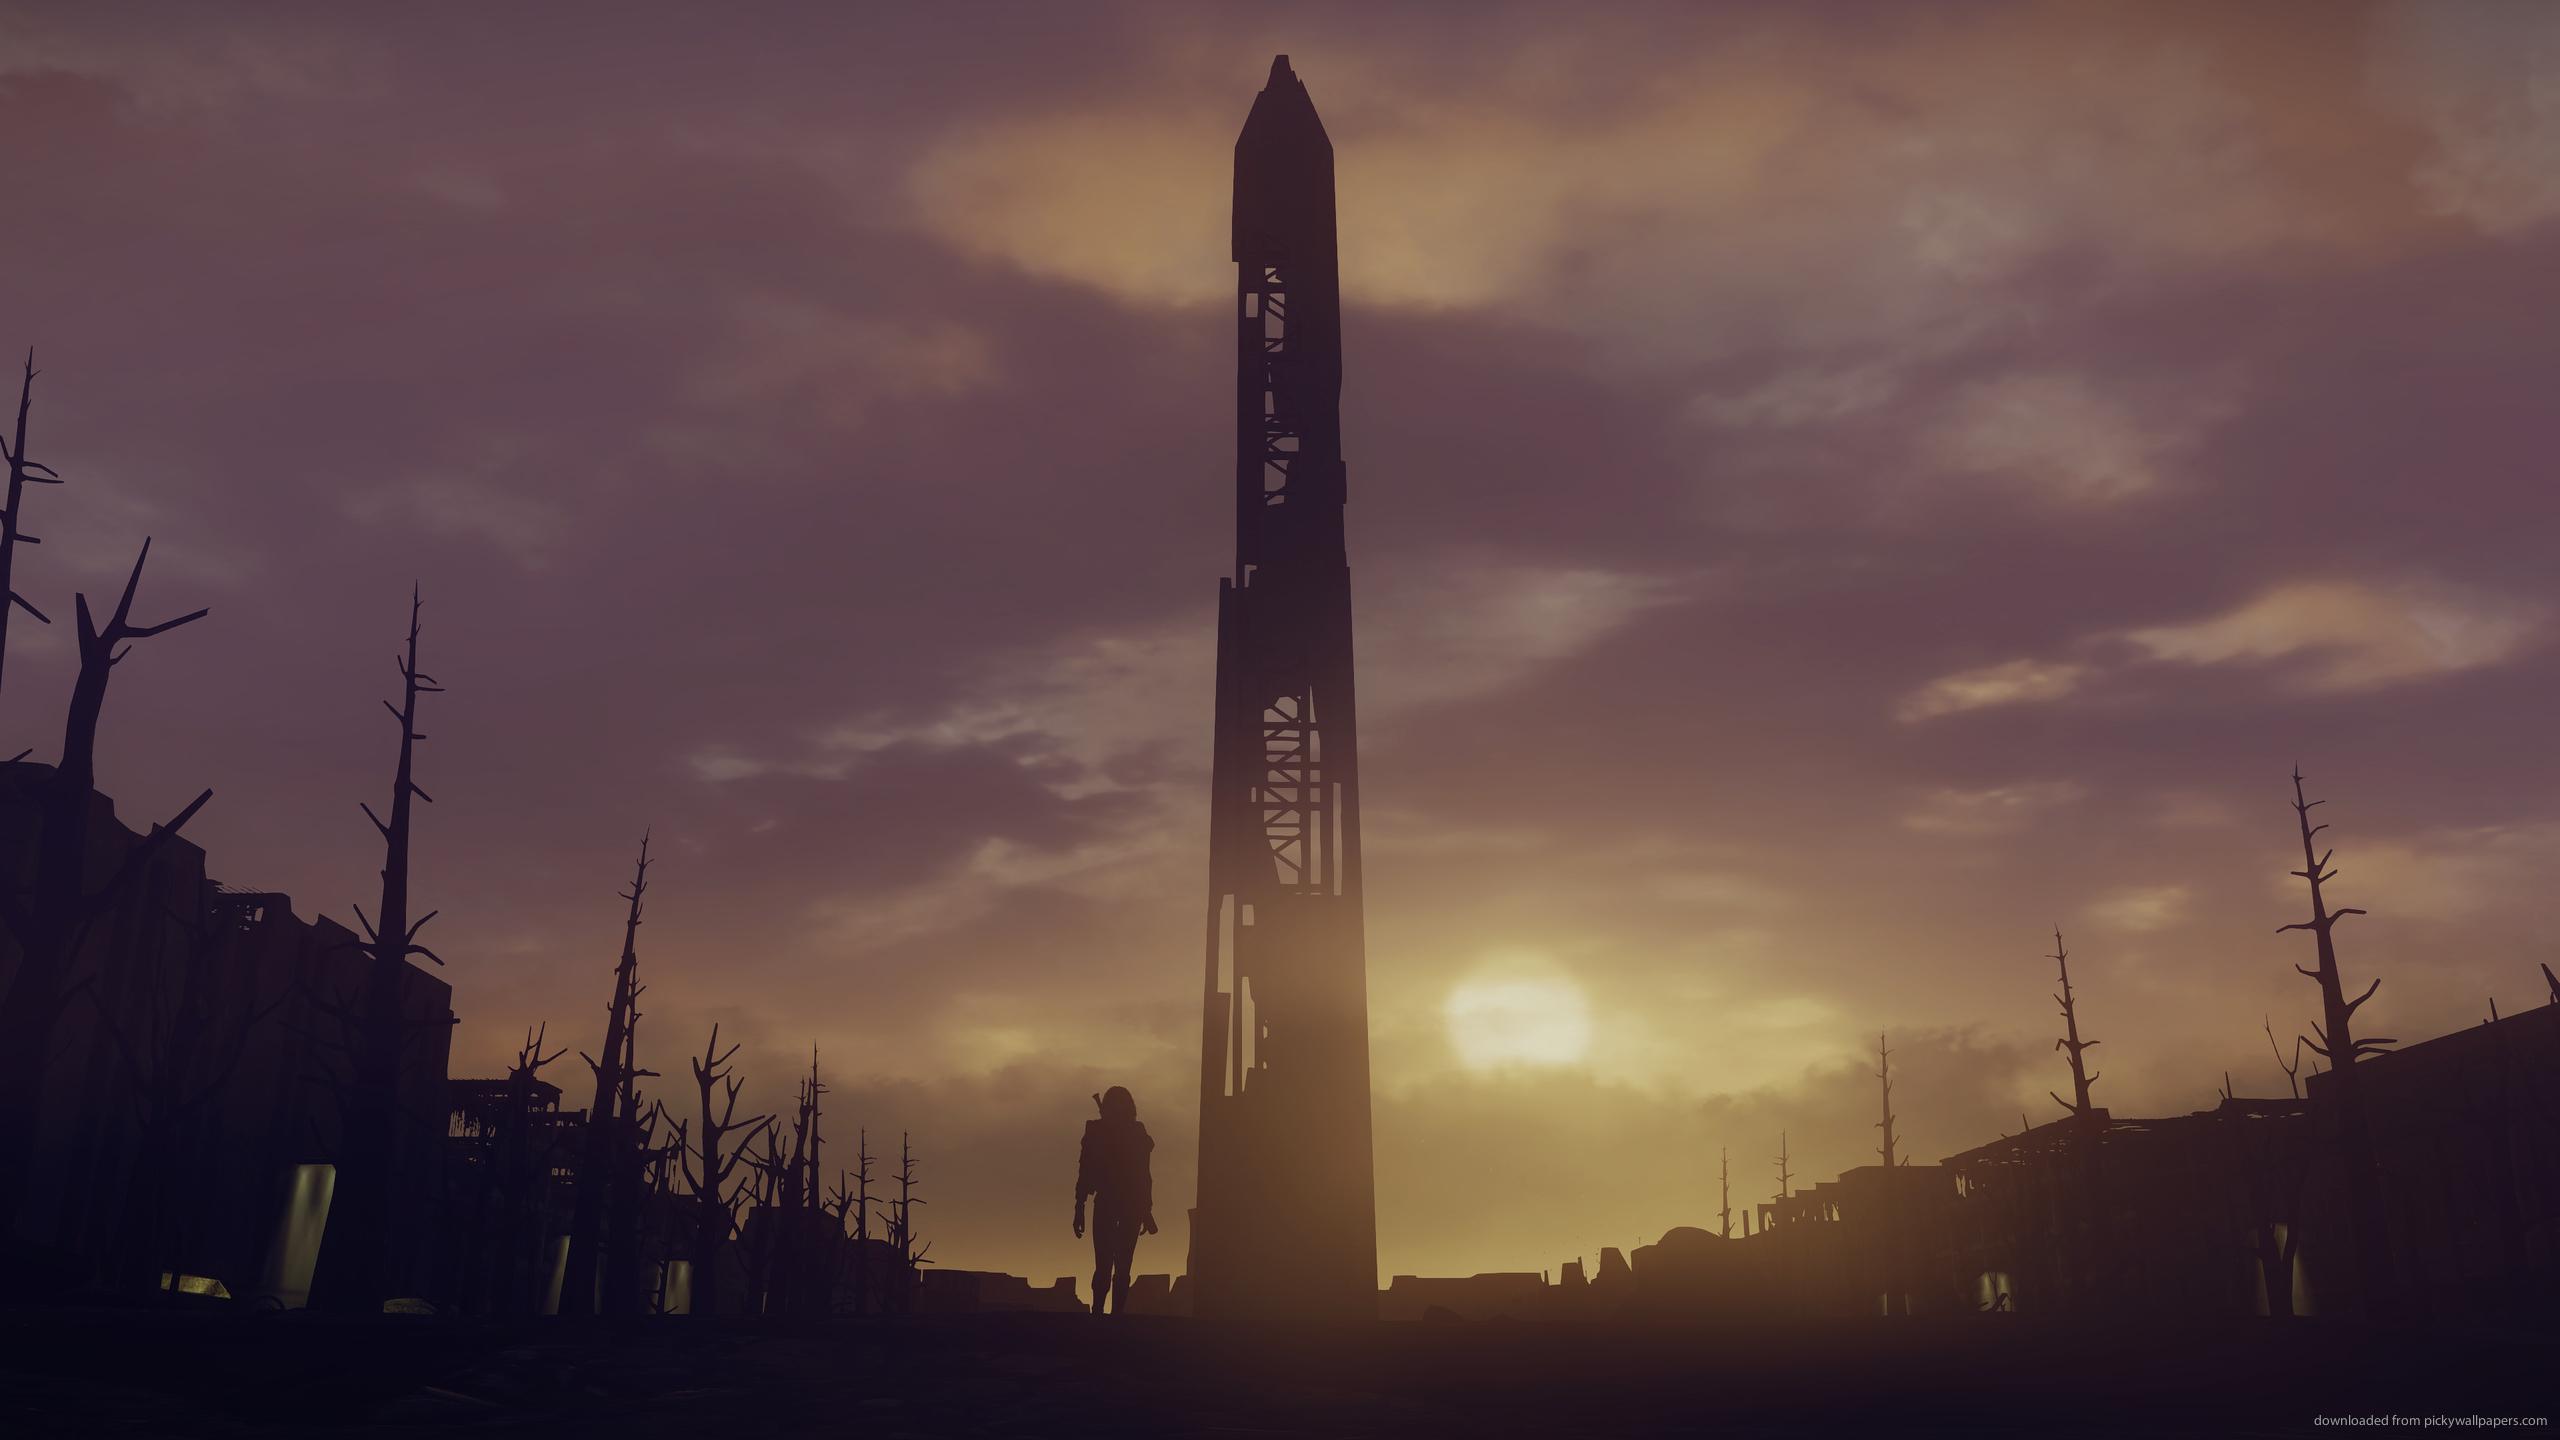 Fallout 4 Wallpaper 2560x1440